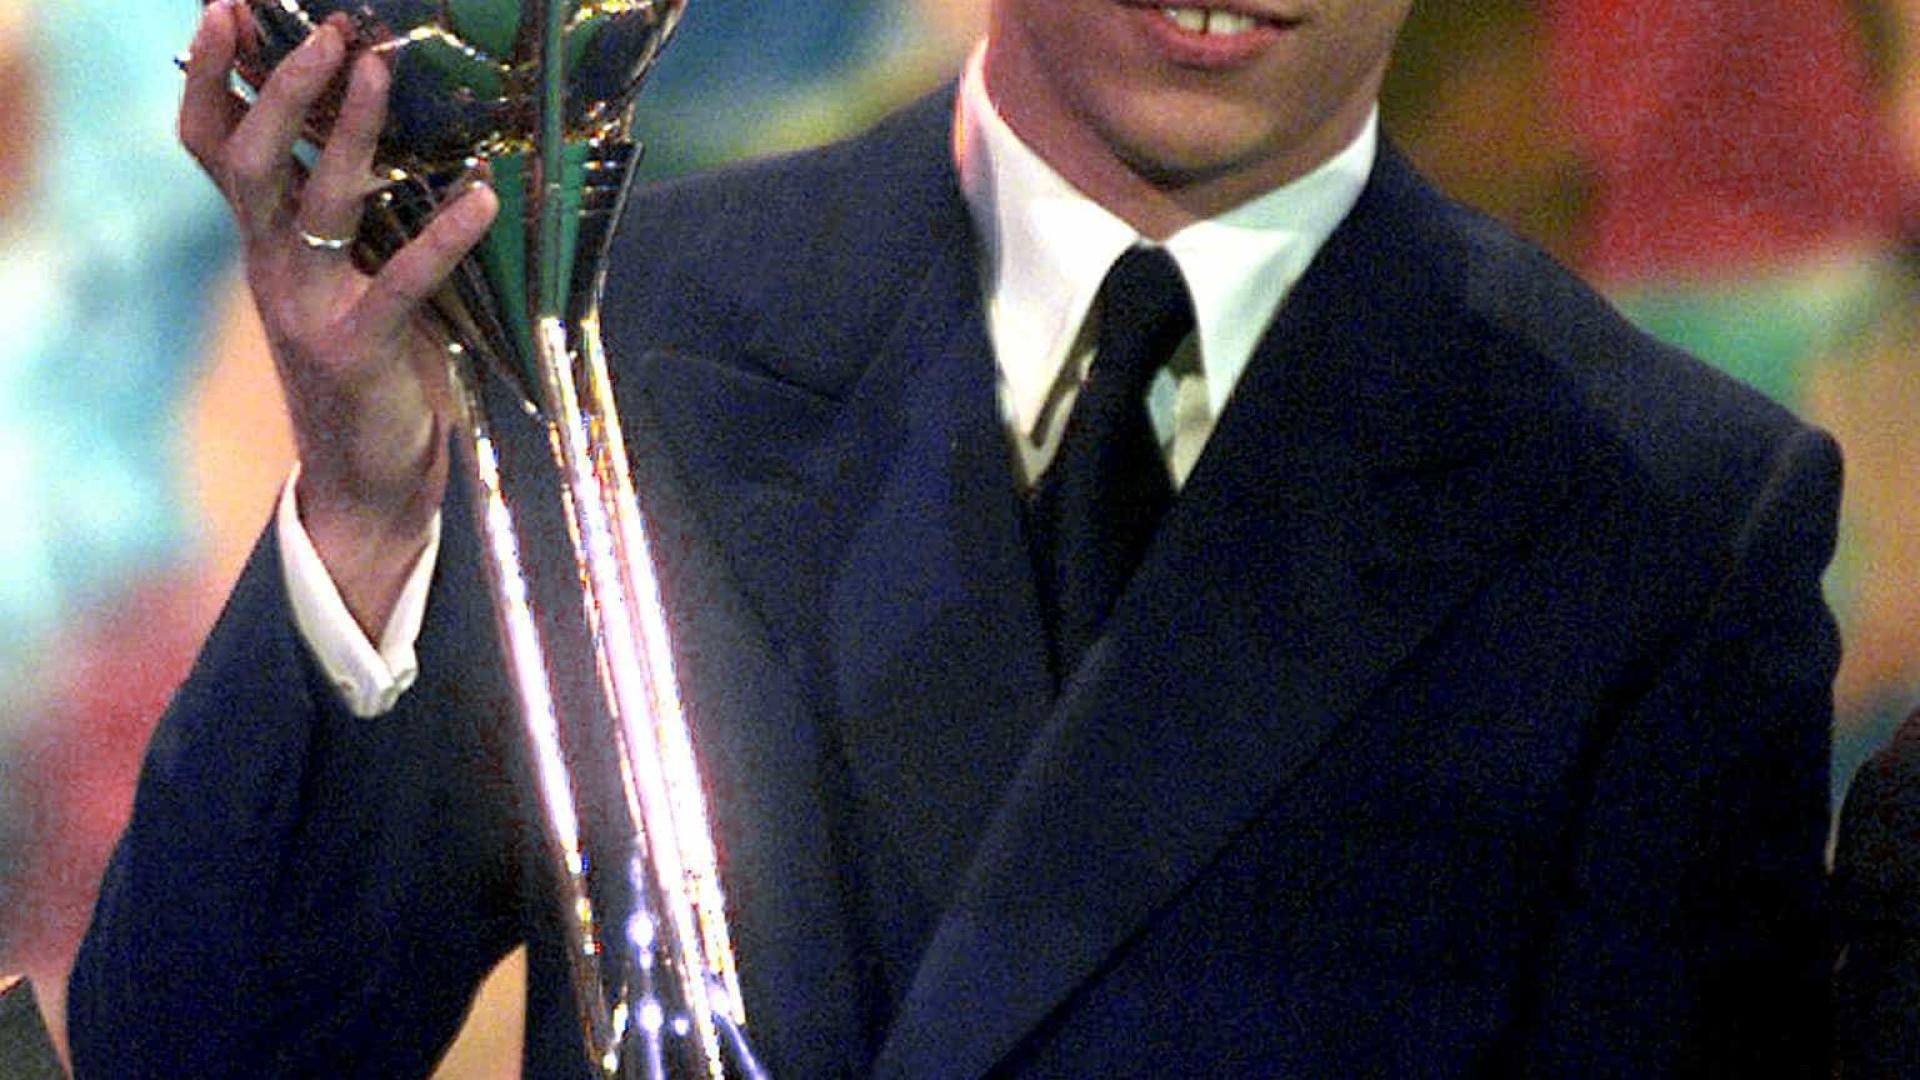 Último 'melhor do mundo' a chegar à Itália foi Ronaldo Fenômeno